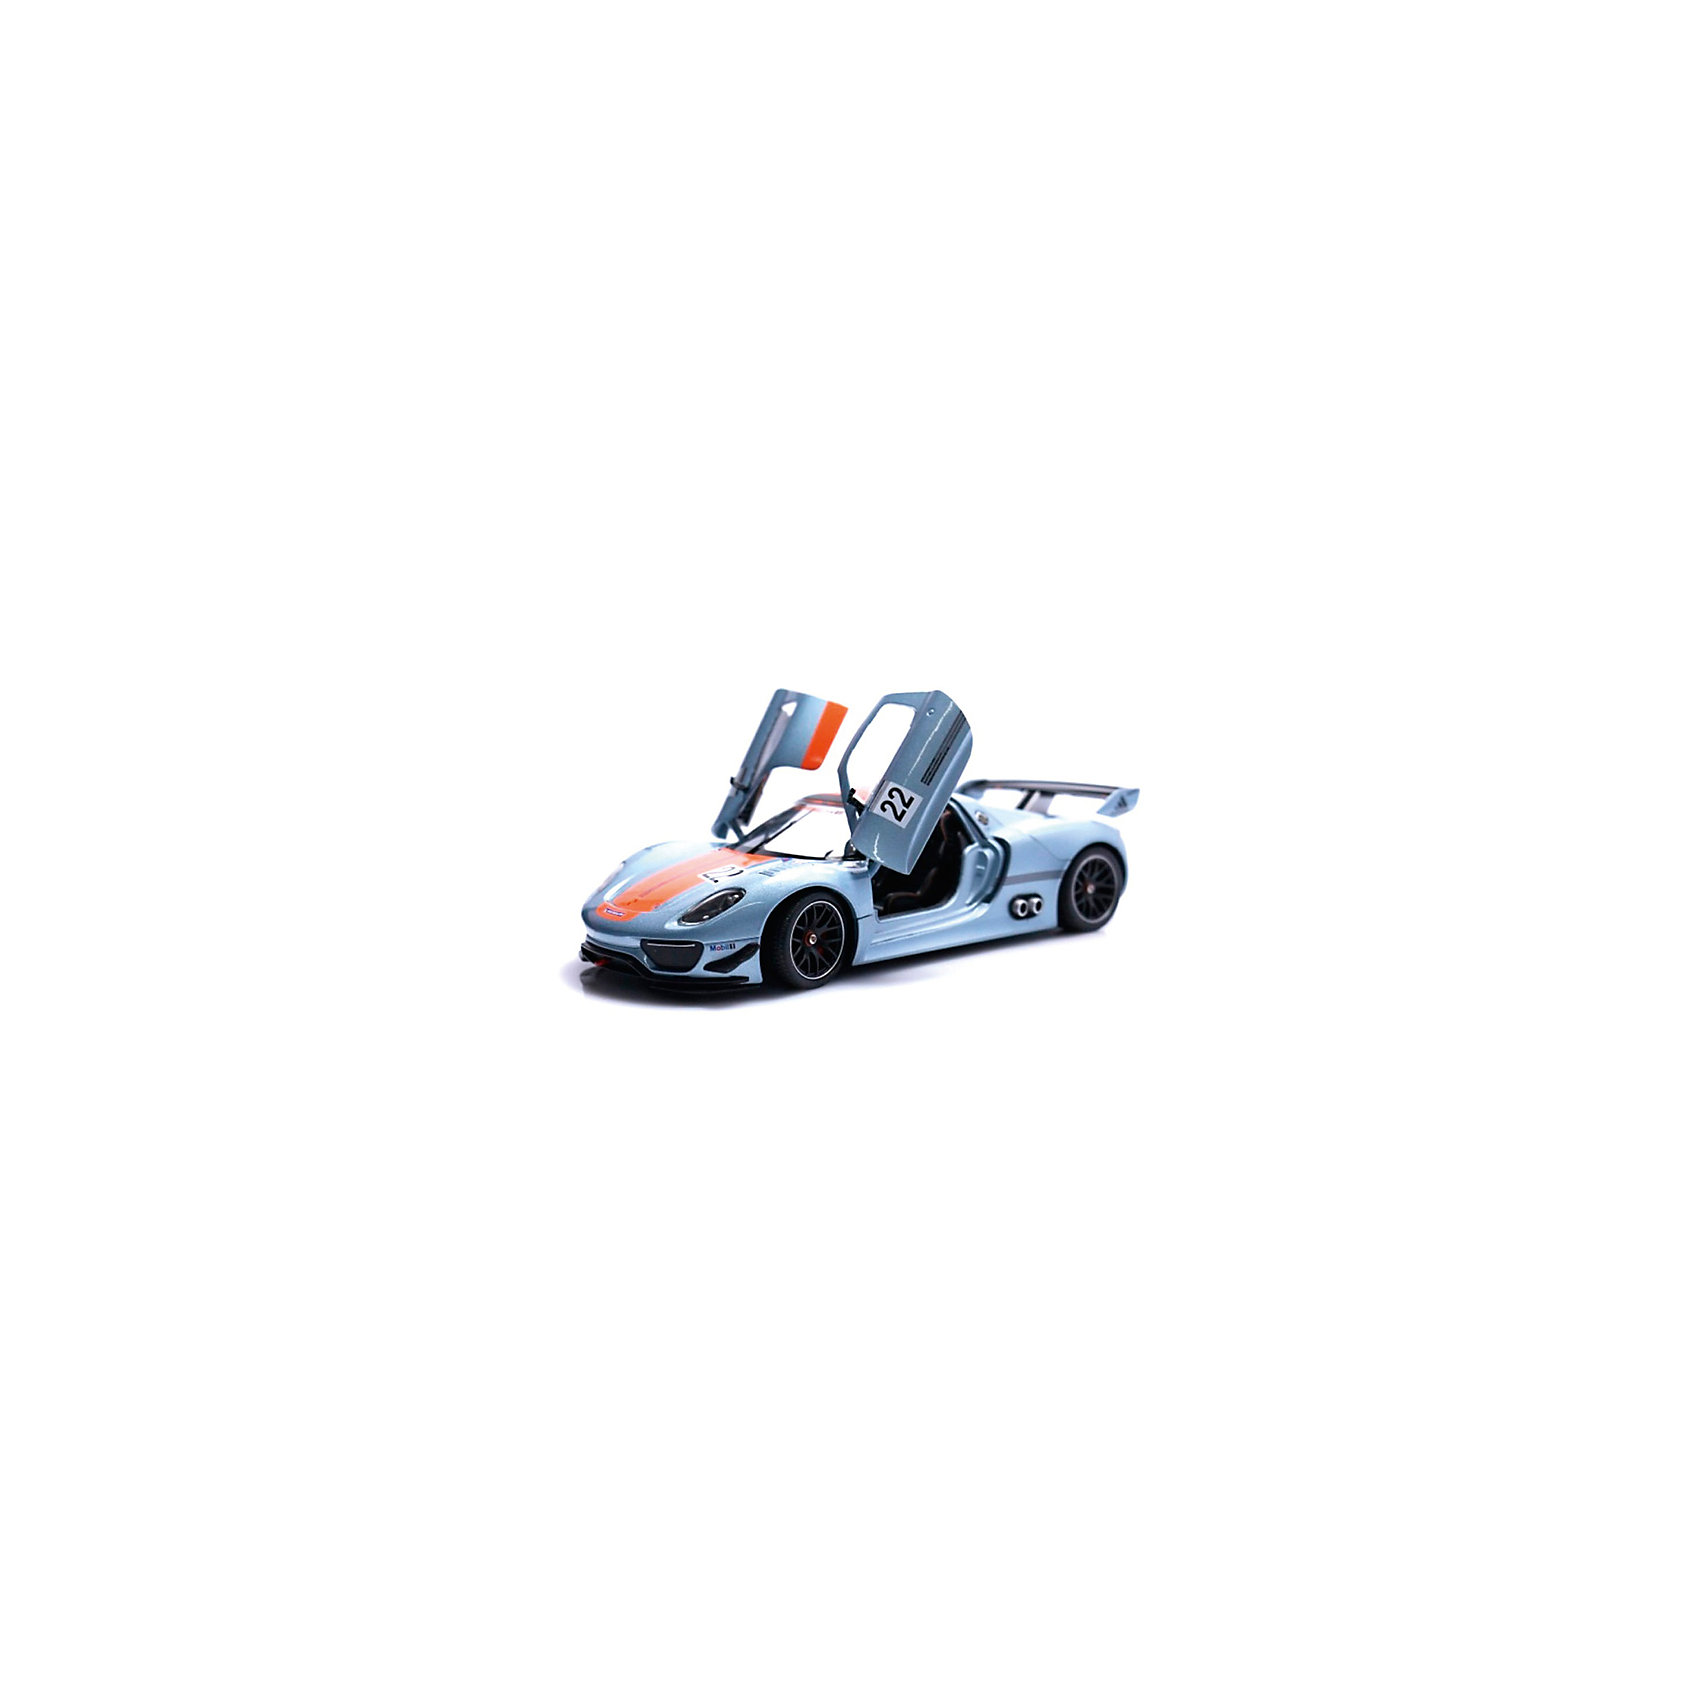 Модель машины 1:34-39 Porsche 918 RSR, WellyКоллекционные модели<br>Коллекционная модель машины является точной уменьшенной копией автомобиля марки Porsche 918 RSR, выполненной в масштабе 1:34-39. Этот роскошный гибридный суперкар почитаемой во всем мире марки Porsche с внушительными характеристиками представляет собой гоночный автомобиль премиум-класса с эксклюзивным дизайном. Машинка сделана очень качественно и тщательно детализирована, вращаются колеса, у игрушки инерционный механизм. Она выполнена в серебристом цвете и декорирована оранжевой полосой, а также наклейками с надписями Porsche, Michelin и цифрами 22.<br><br>Ширина мм: 145<br>Глубина мм: 115<br>Высота мм: 60<br>Вес г: 147<br>Возраст от месяцев: 36<br>Возраст до месяцев: 192<br>Пол: Мужской<br>Возраст: Детский<br>SKU: 4966537